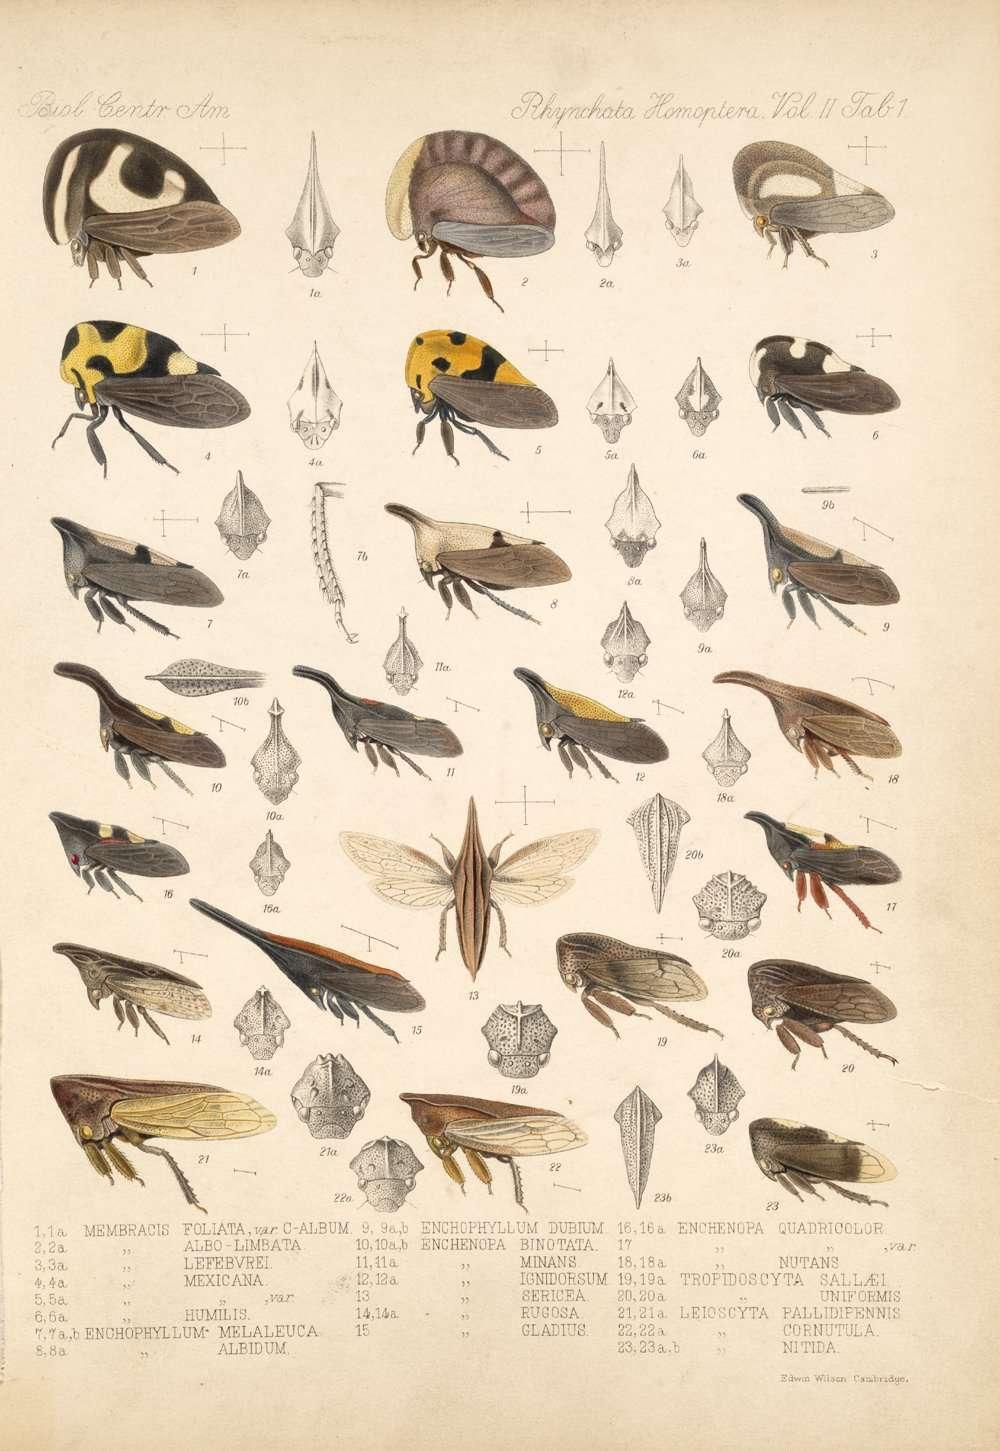 Une planche ancienne montrant des membracides, des insectes qui étonnent depuis longtemps. © Biologia Centrali-Americana